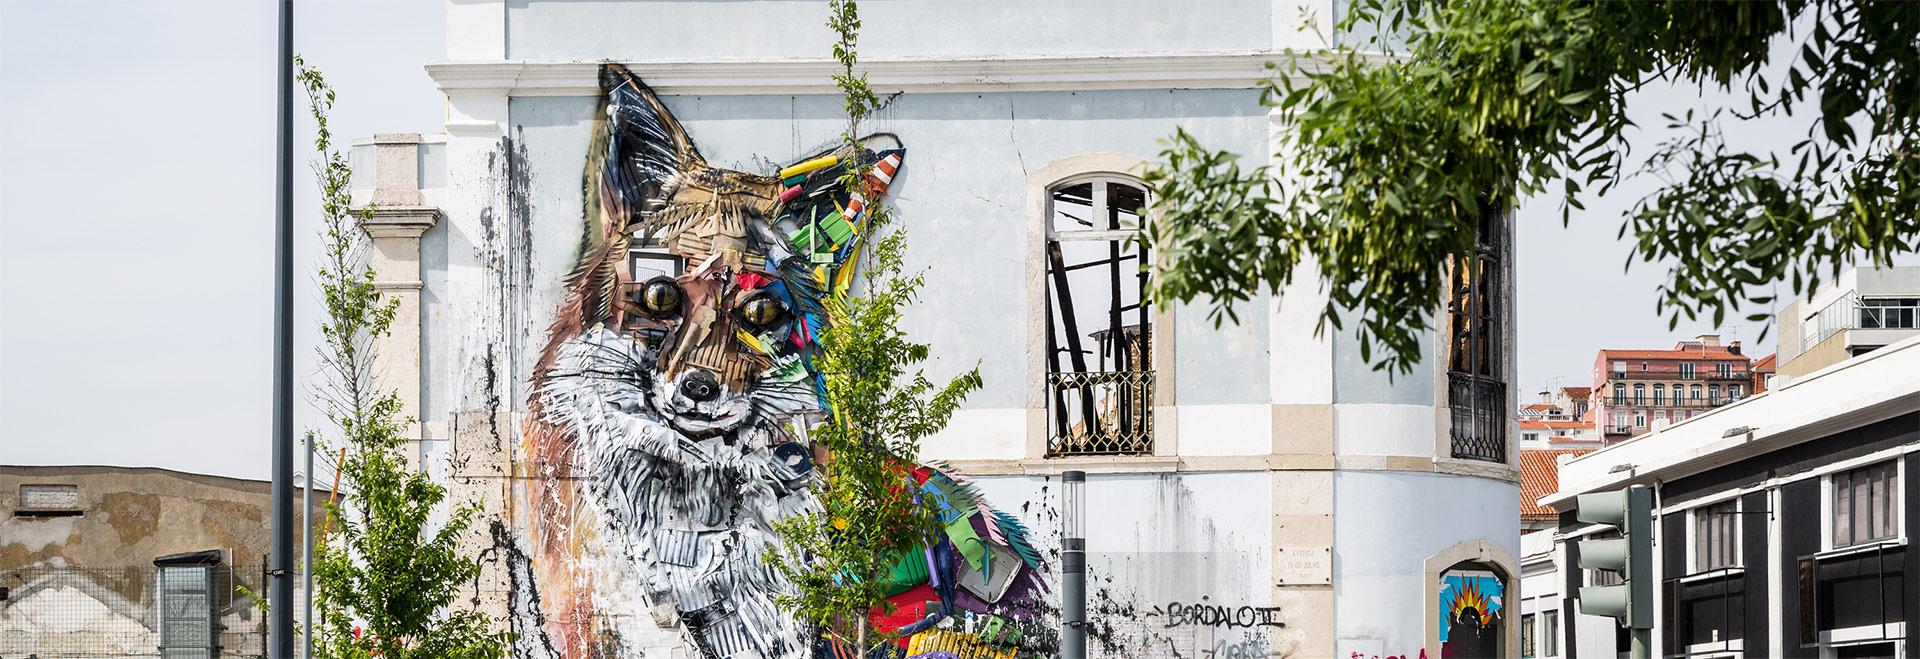 Работа португальского мастера стрит-арта в «МУ МУ»